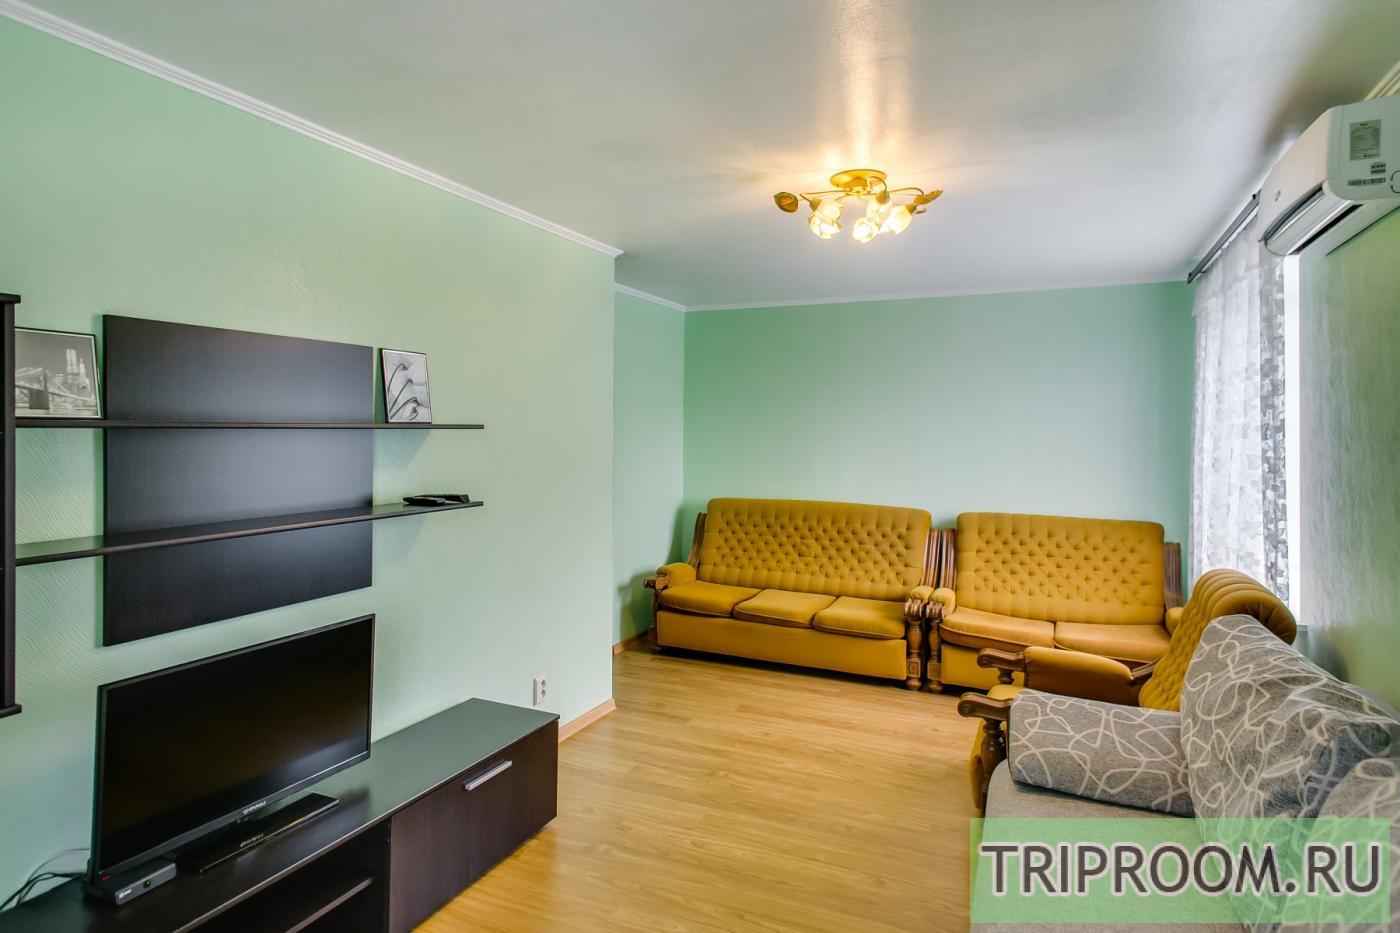 2-комнатная квартира посуточно (вариант № 18923), ул. Ленина проспект, фото № 3